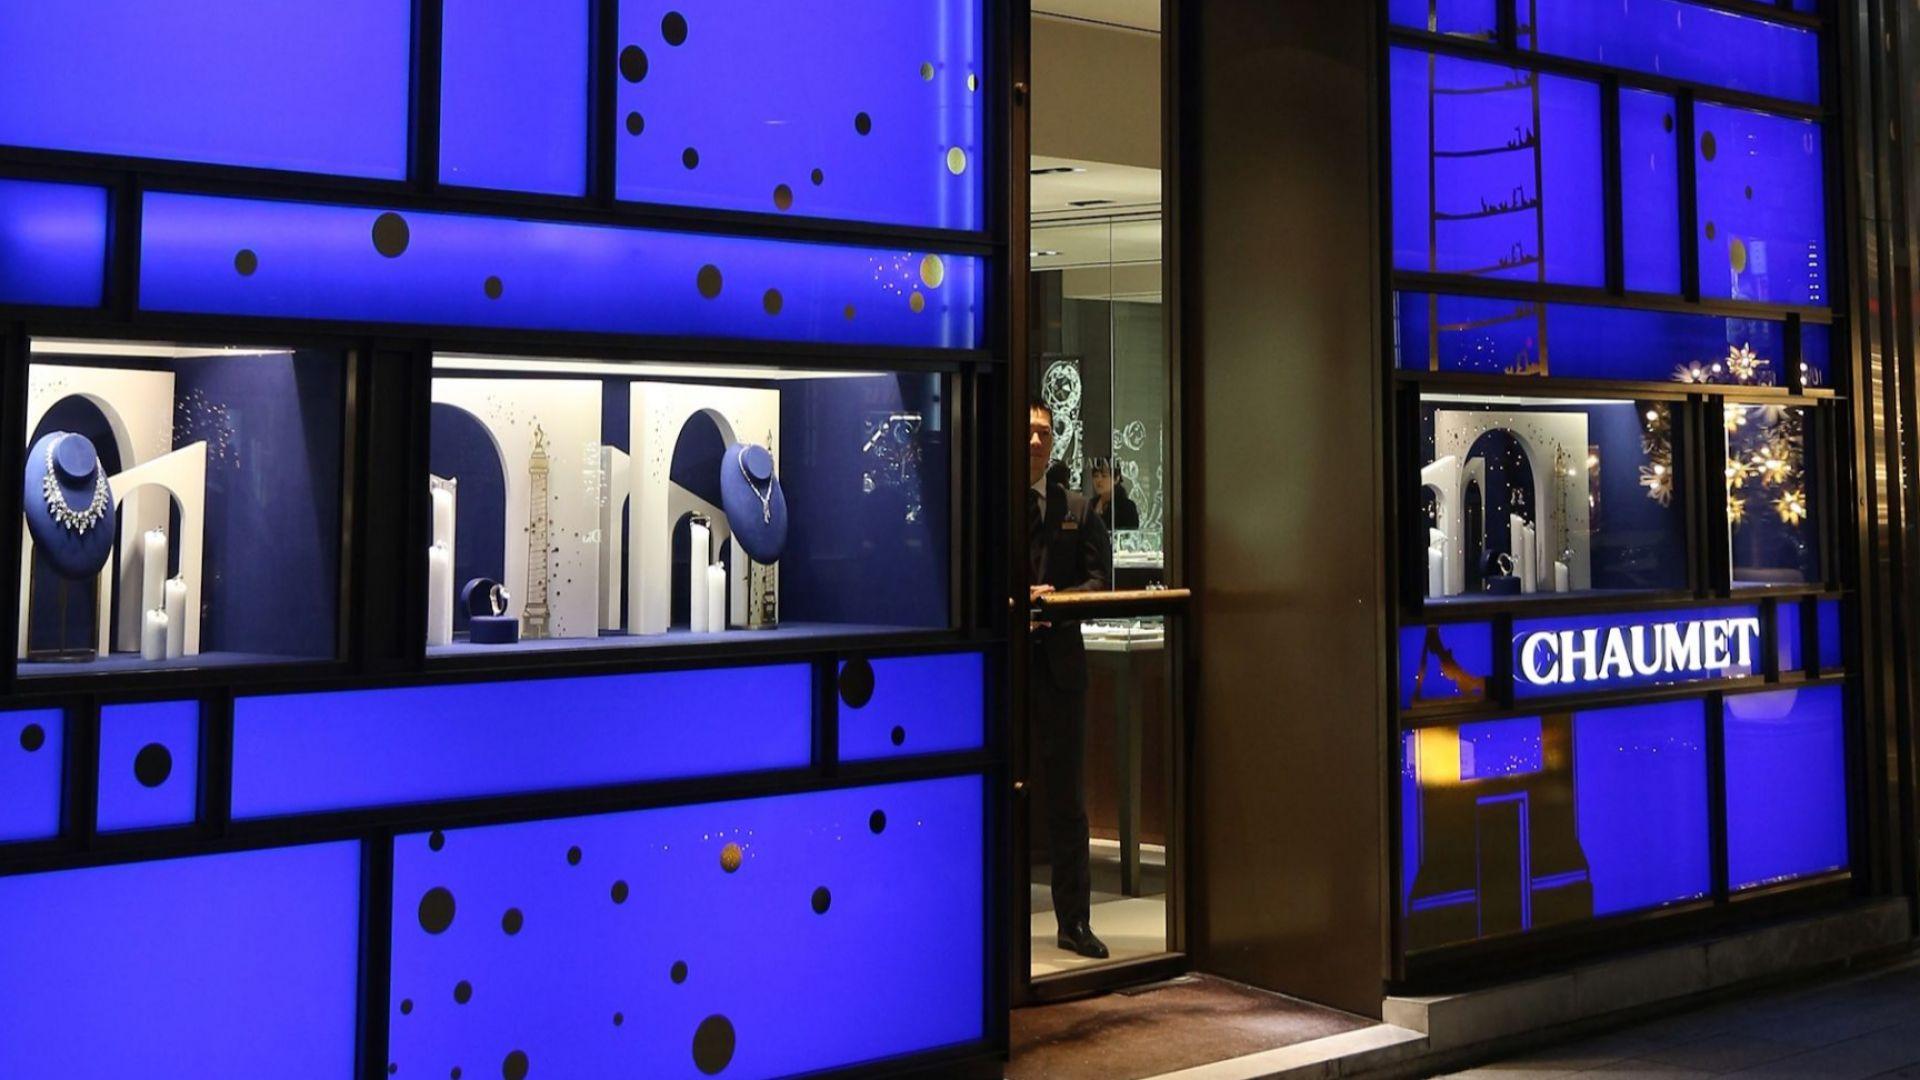 Въоръжен ограби парижка бижутерия и избяга на тротинетка с накити за над $2 млн.